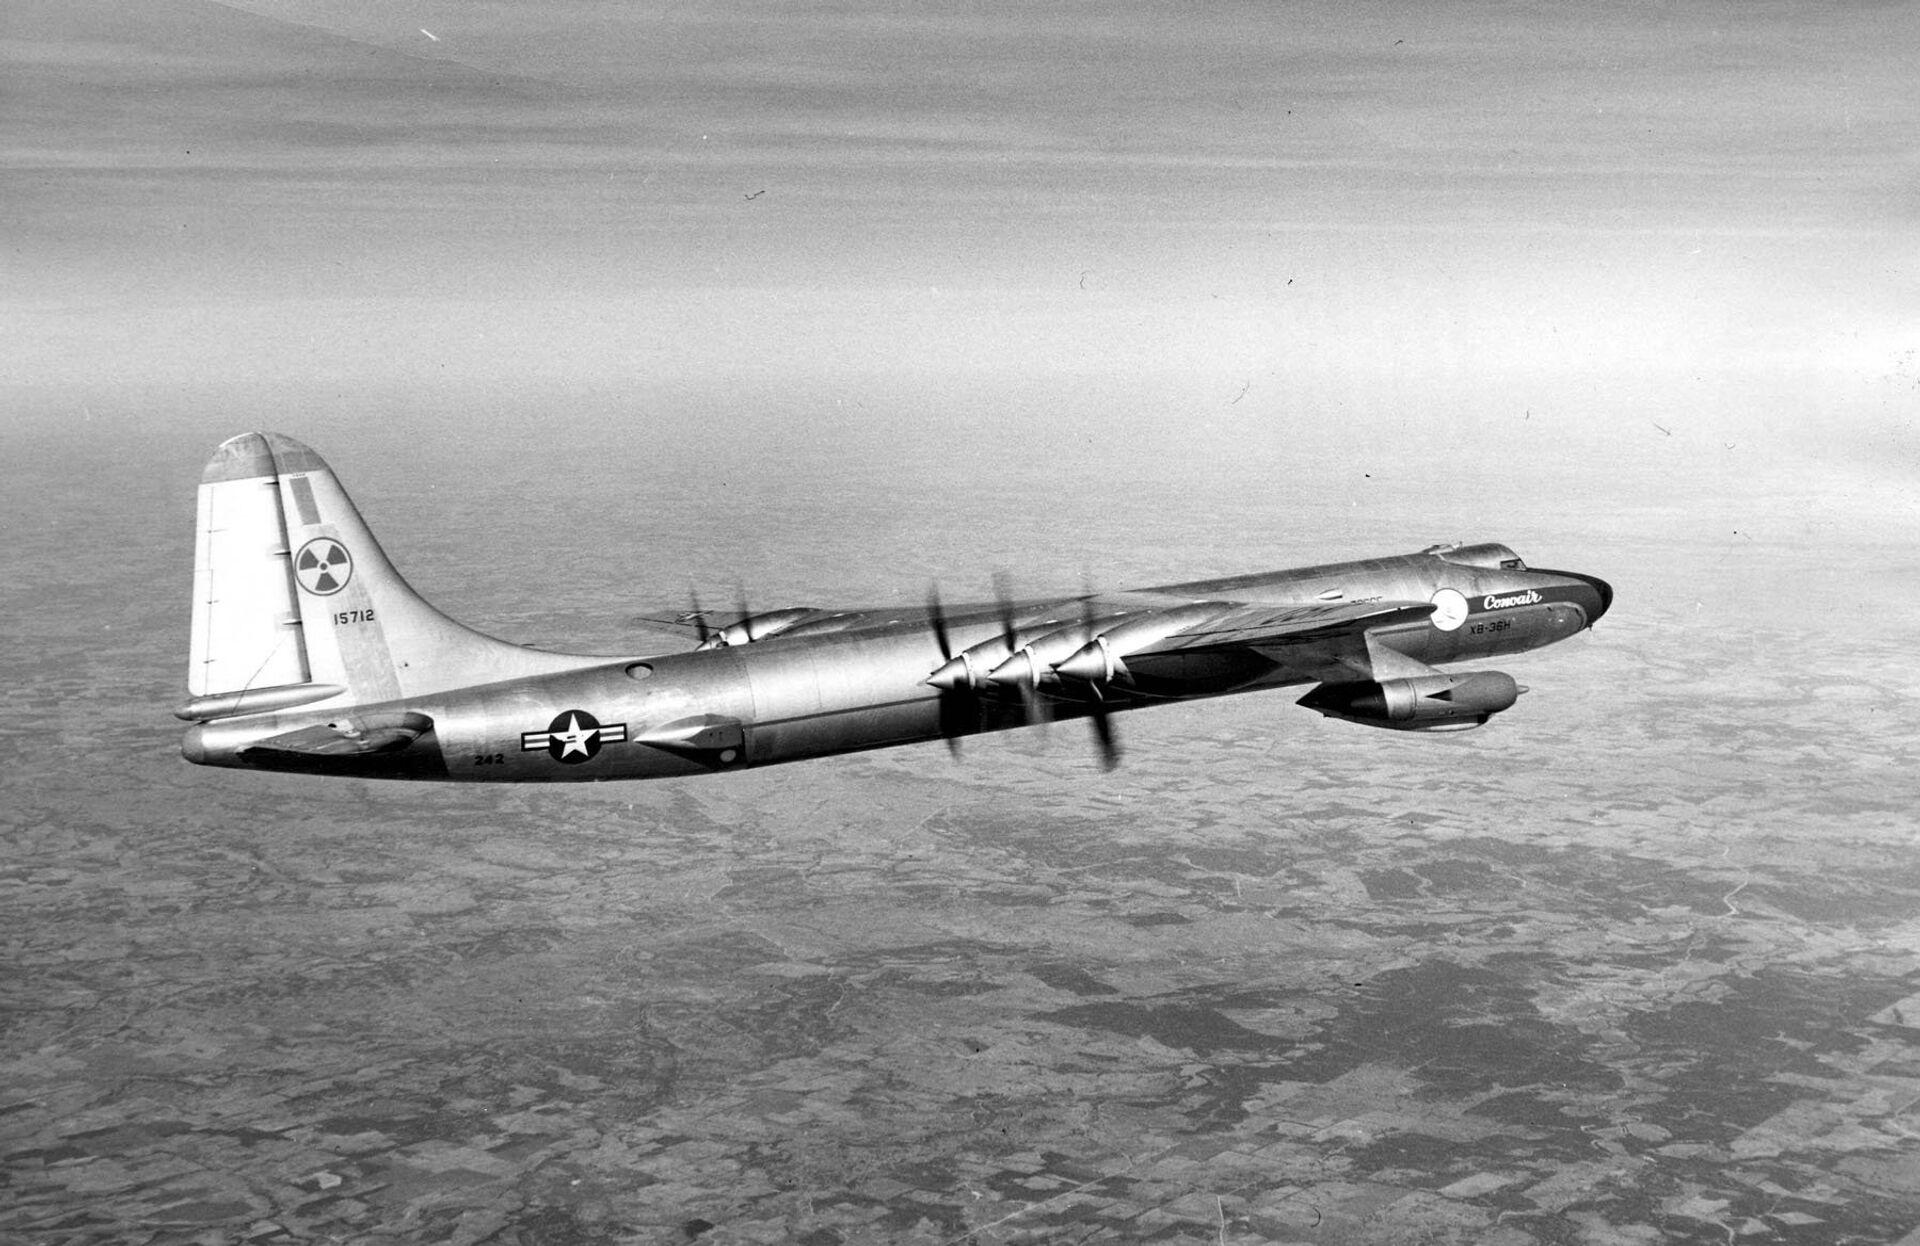 Бомбардировщик B-36 Миротворец ВВС США, способный нести ядерное оружие - РИА Новости, 1920, 15.01.2021